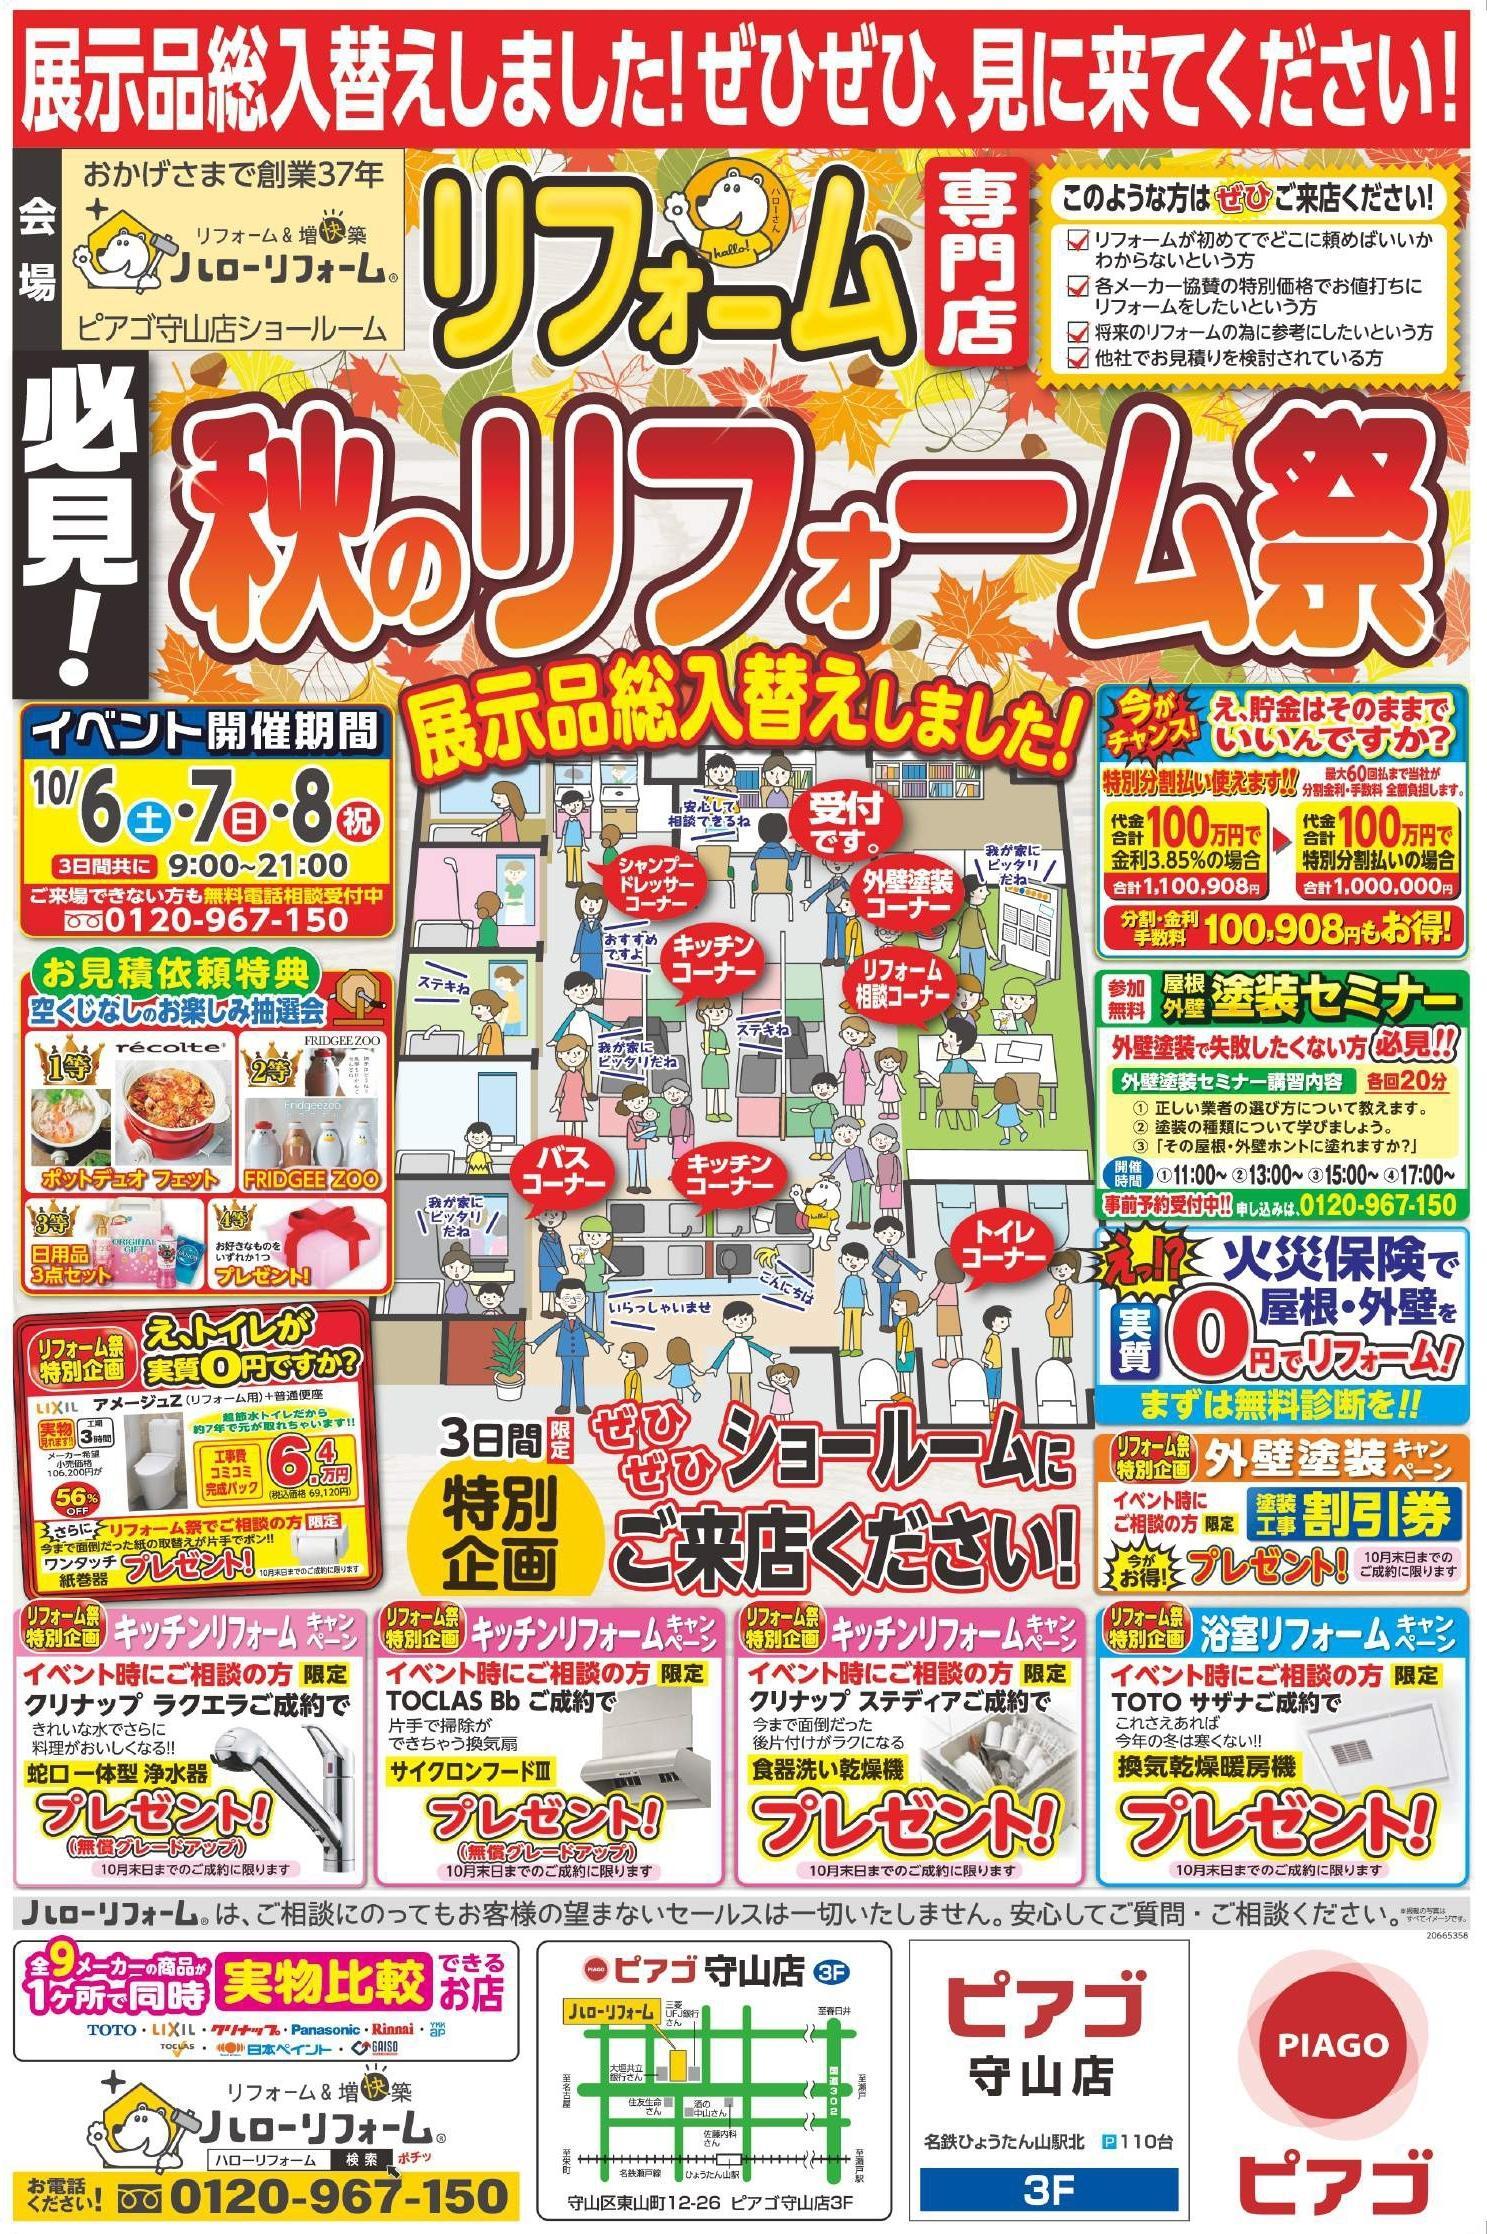 秋のリフォーム祭(ピアゴ守山店)